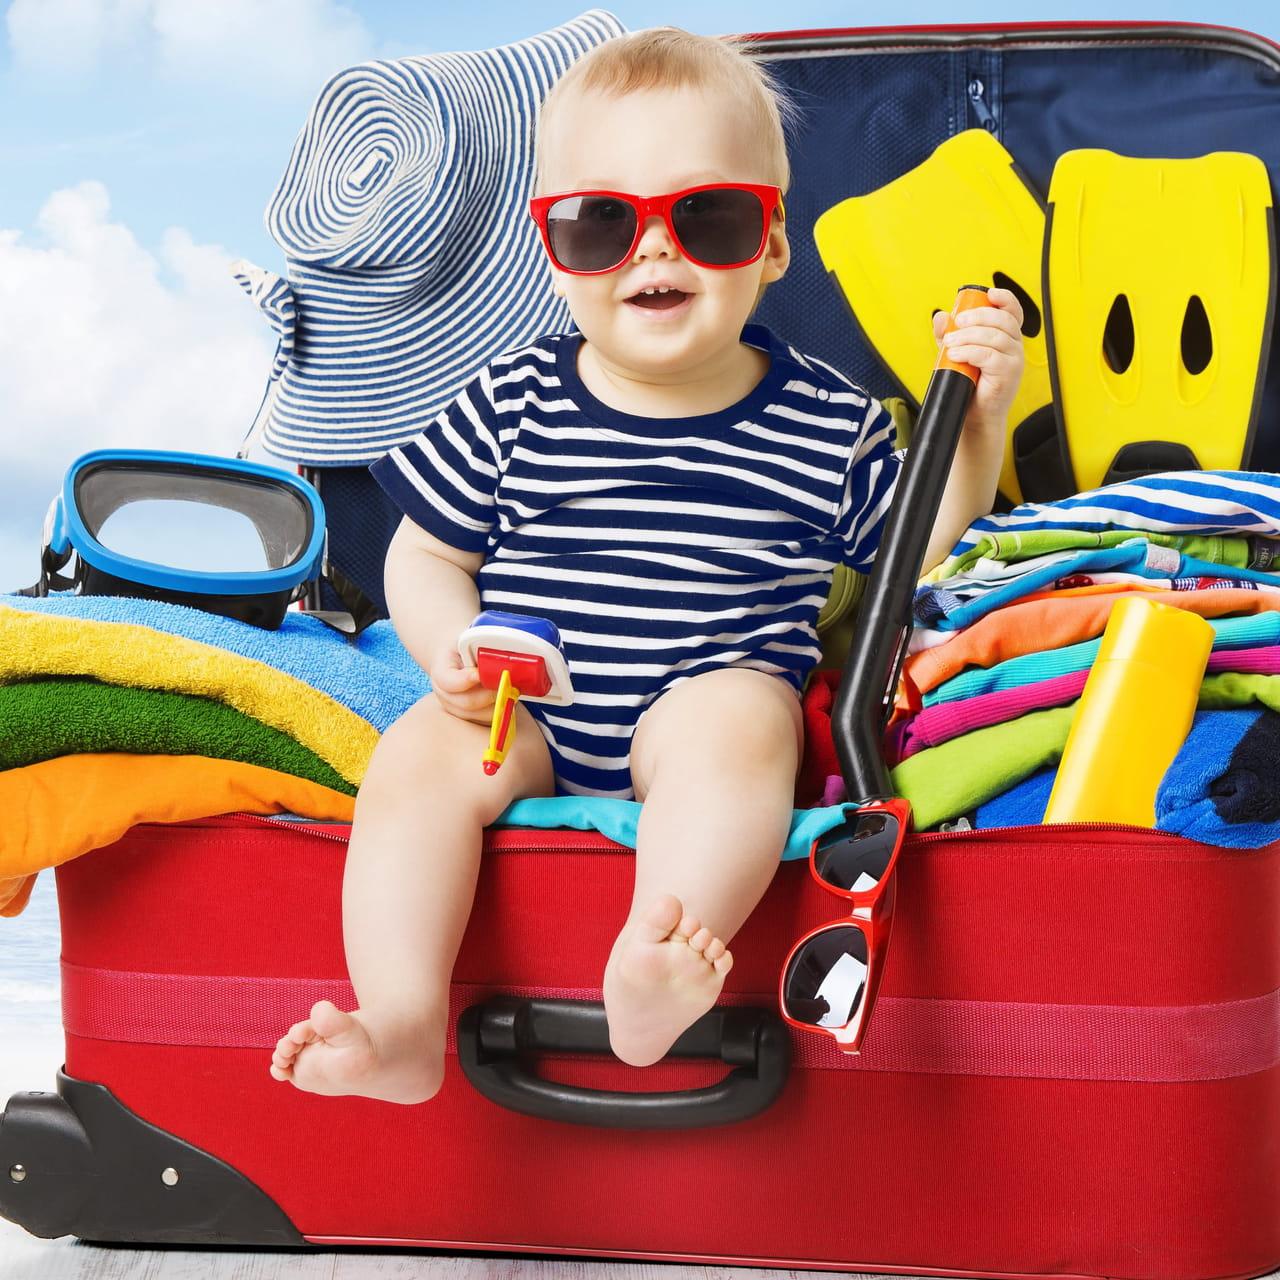 Vie Nomades Pour Faciliter Accessoires Vacances La Des En 30 Parents Ajqc35RL4